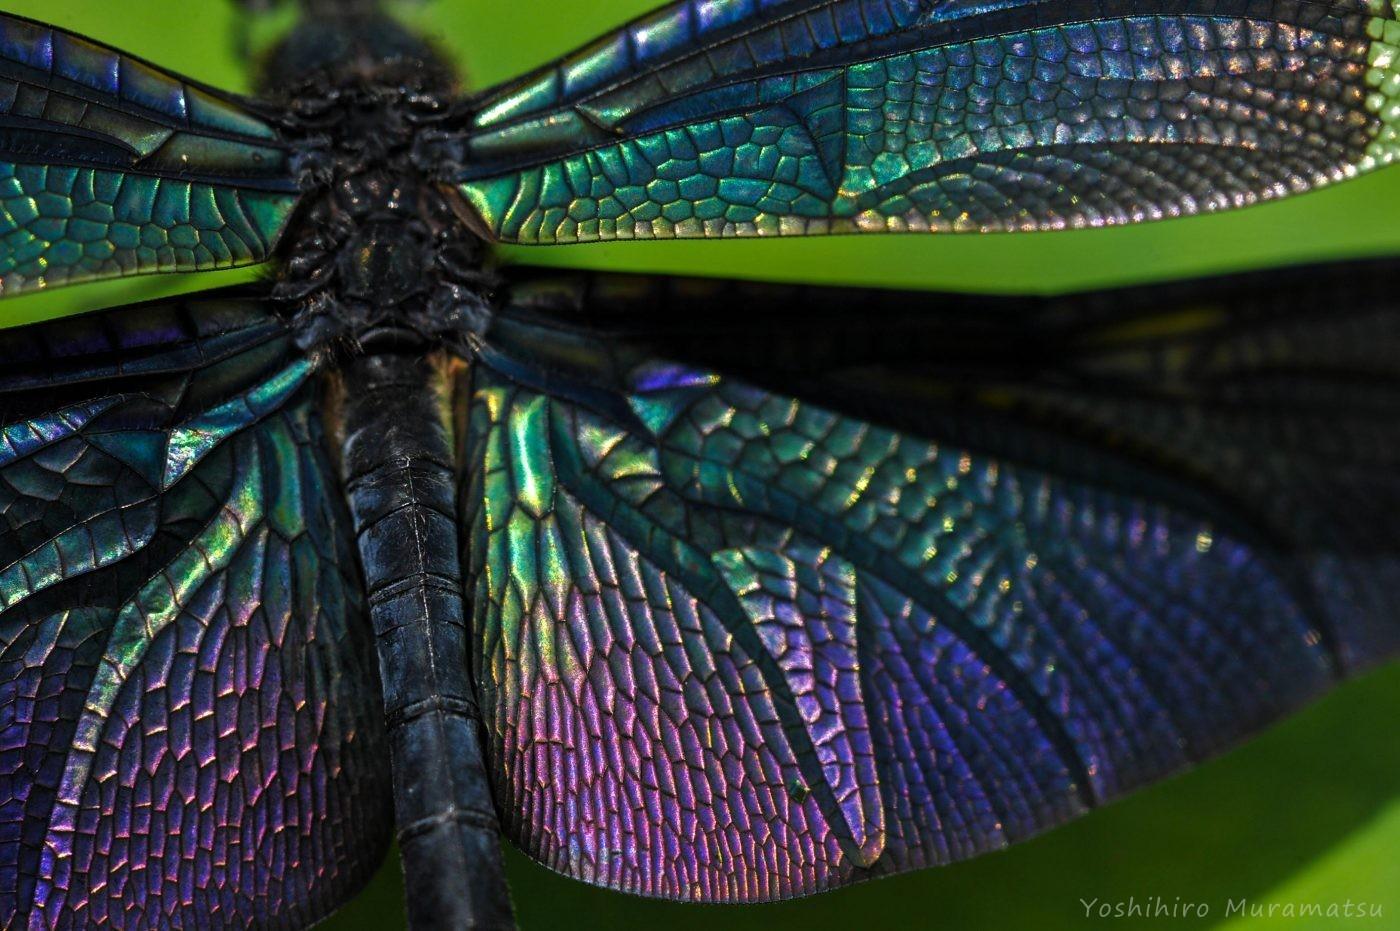 チョウトンボの羽拡大写真